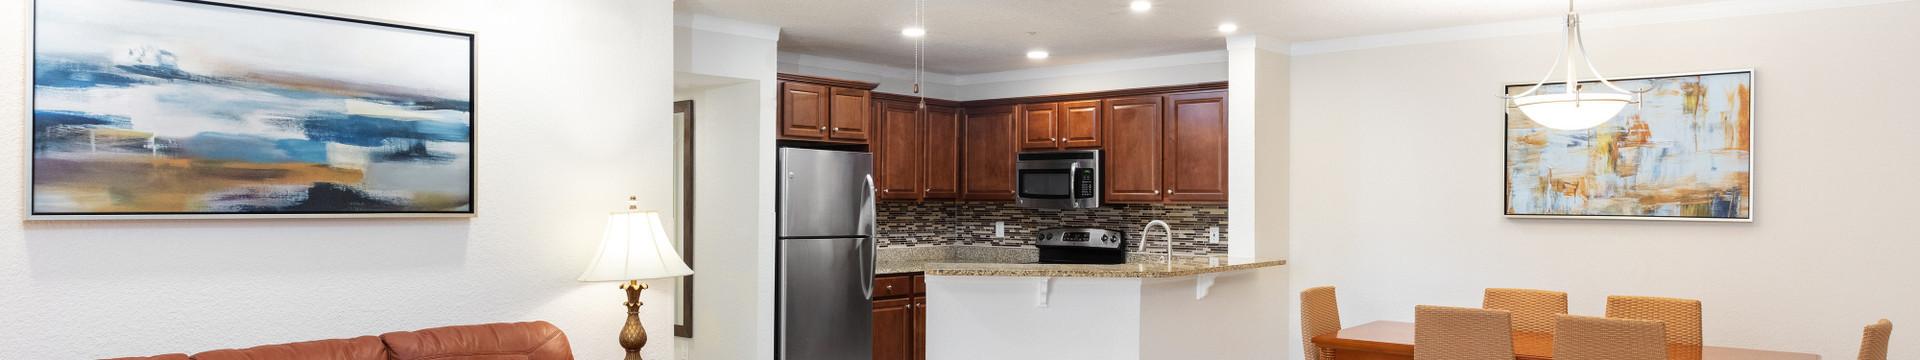 2 Bedroom Suites & Villas Near Lake Buena Vista Florida | Suites Close to Sea World 32836 | Westgate Blue Tree Resort